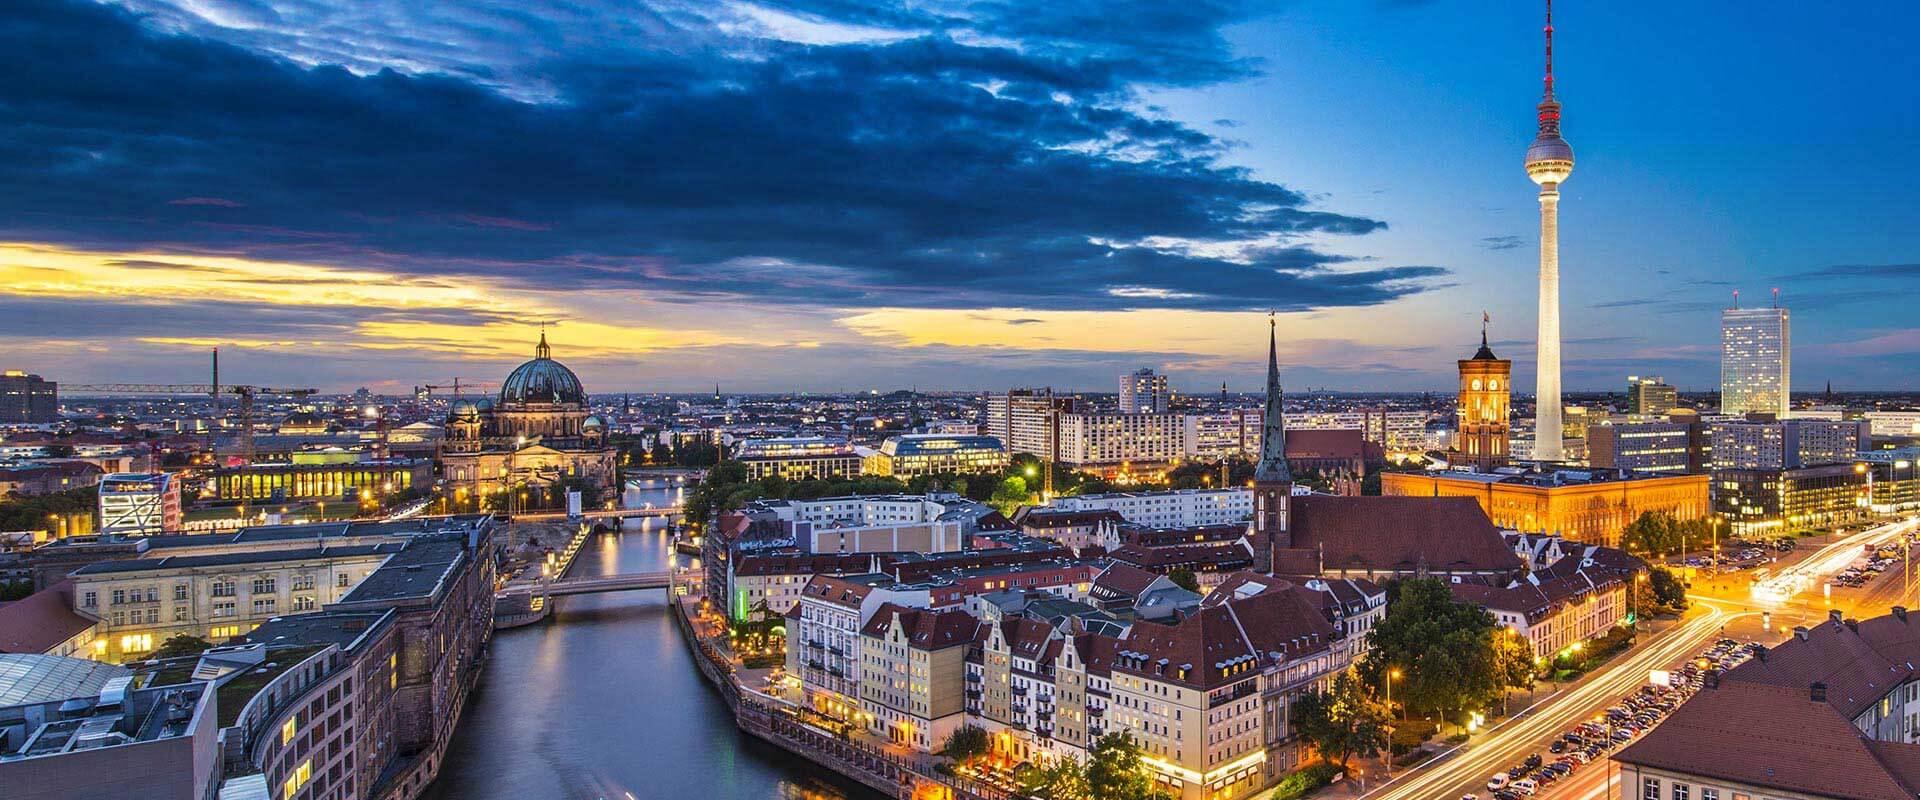 assessing dead sea scrolls authencity in berlin on august 8 2017